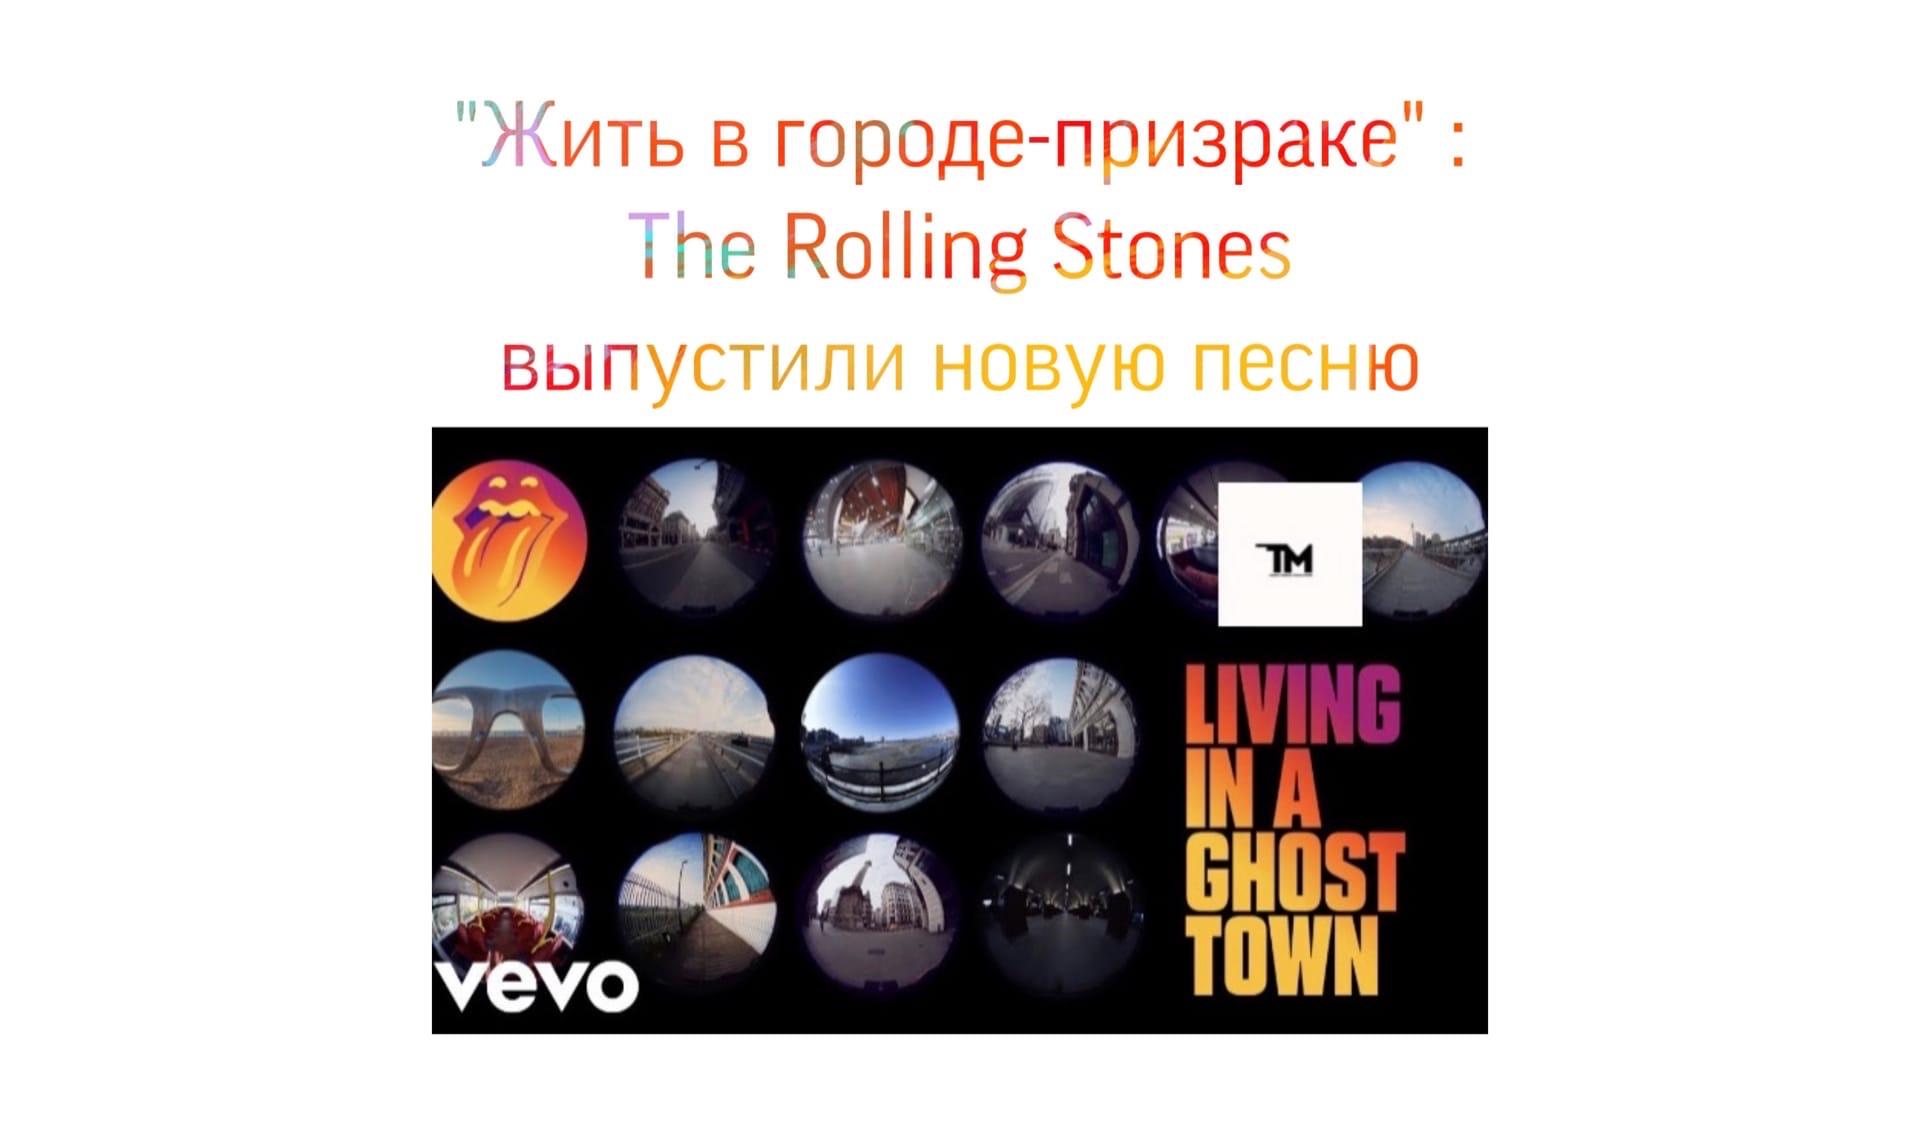 """""""Жить в городе-призраке"""": The Rolling Stones выпустили новую песню"""